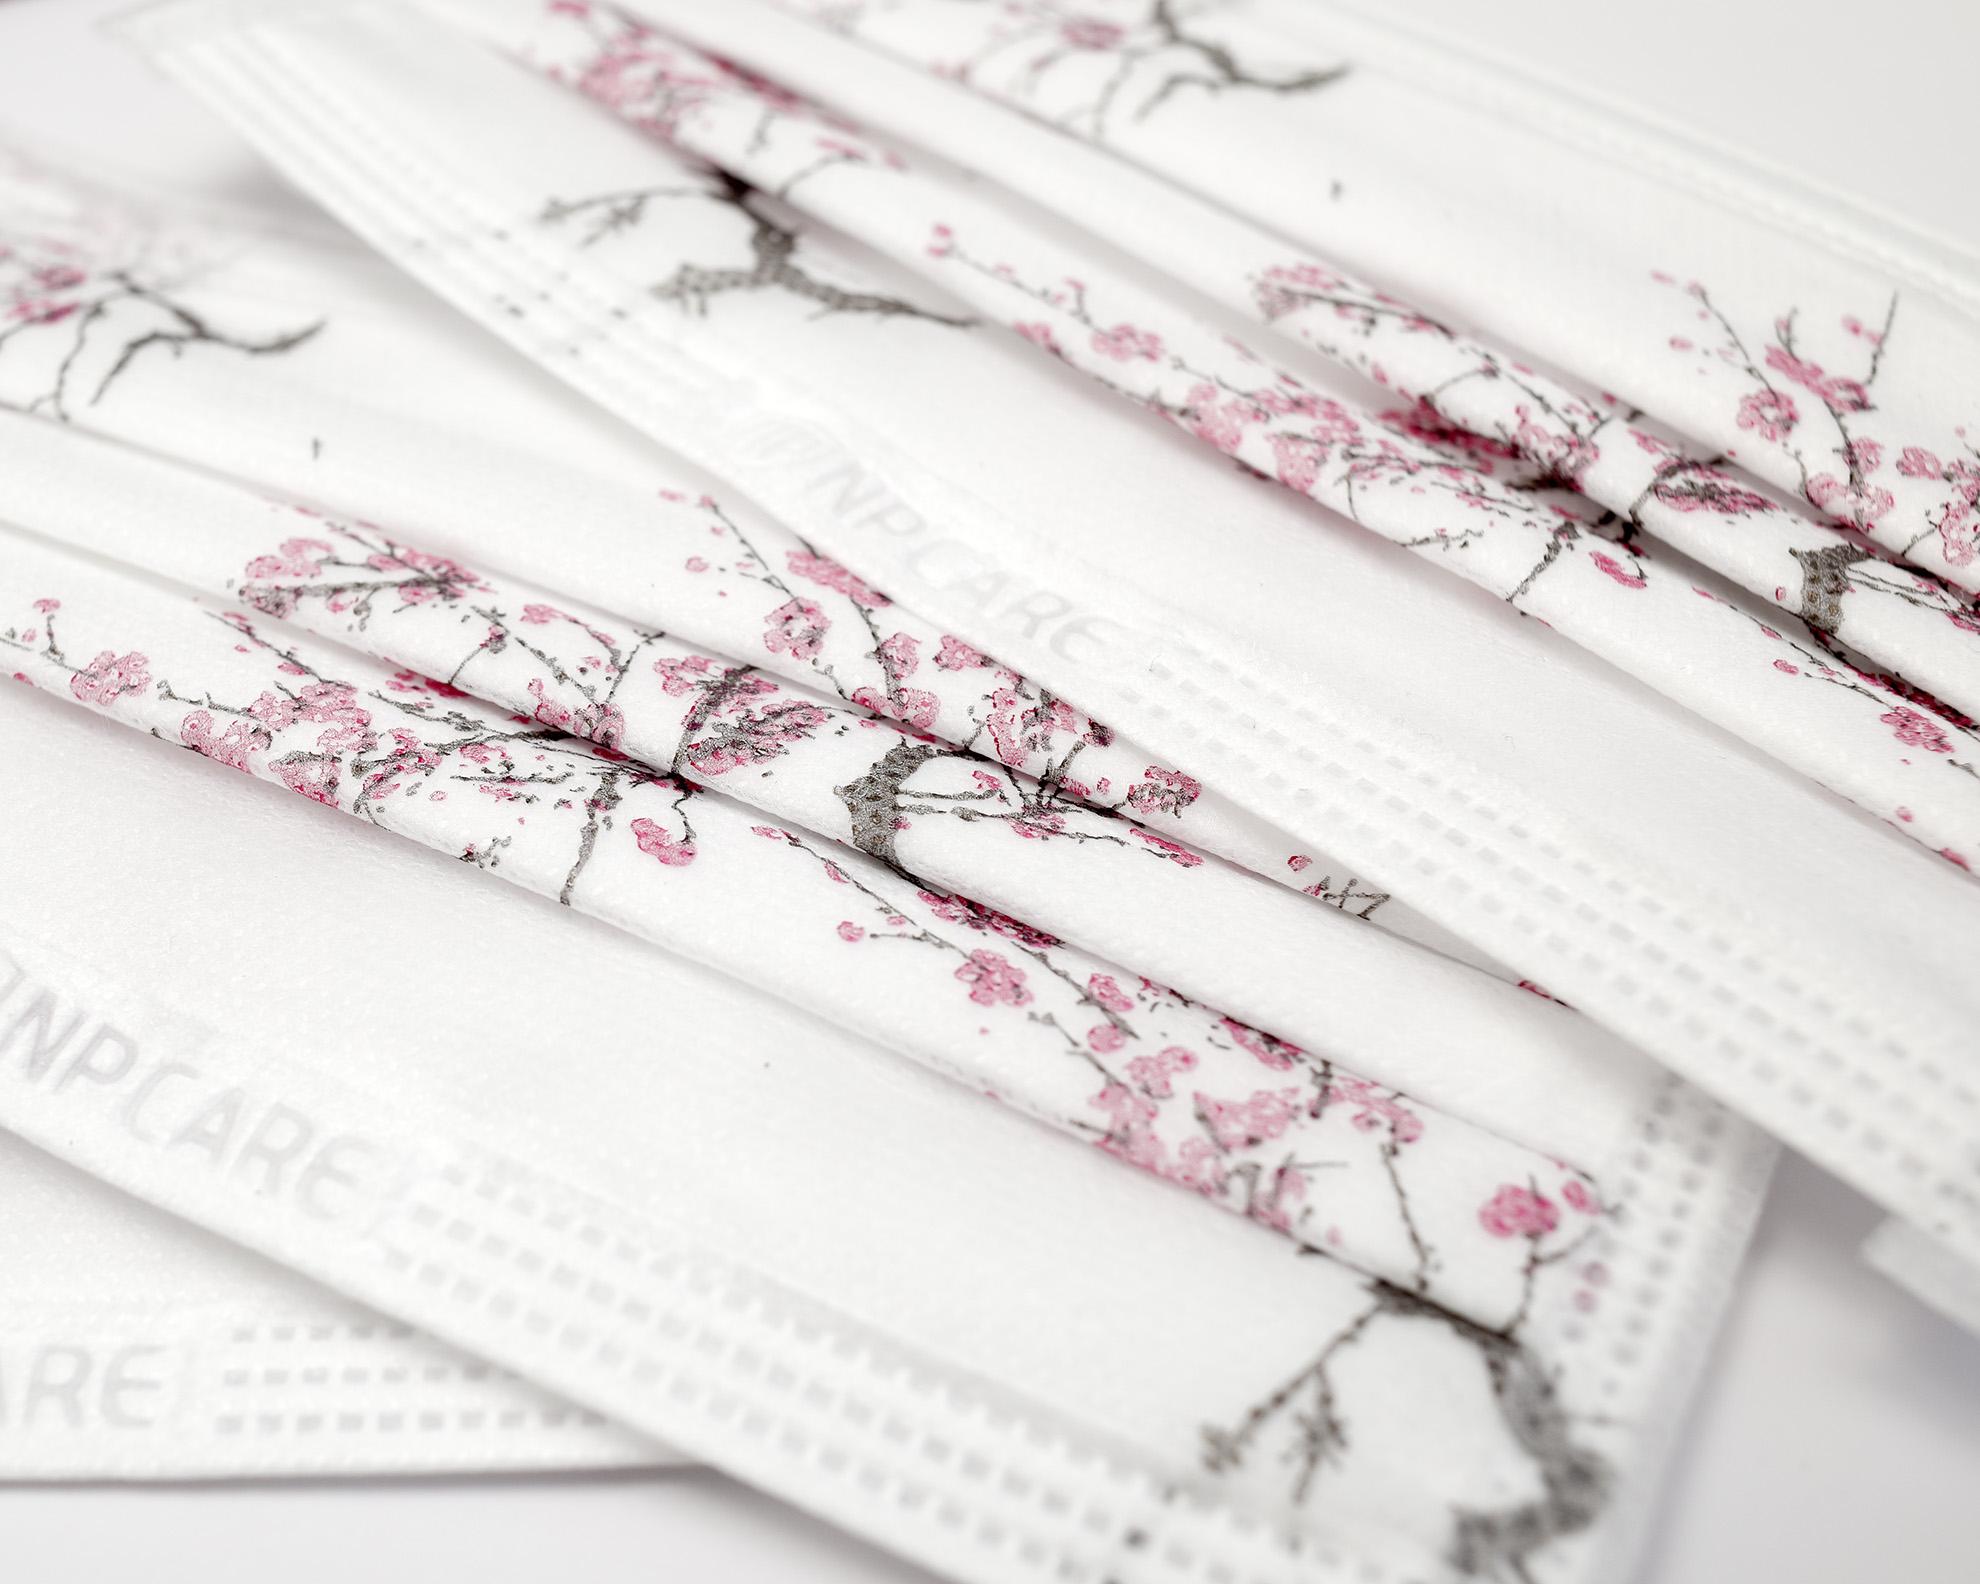 Khẩu trang y tế 4 lớp hoa đào Blossom NPCARE - Hộp 50 cái